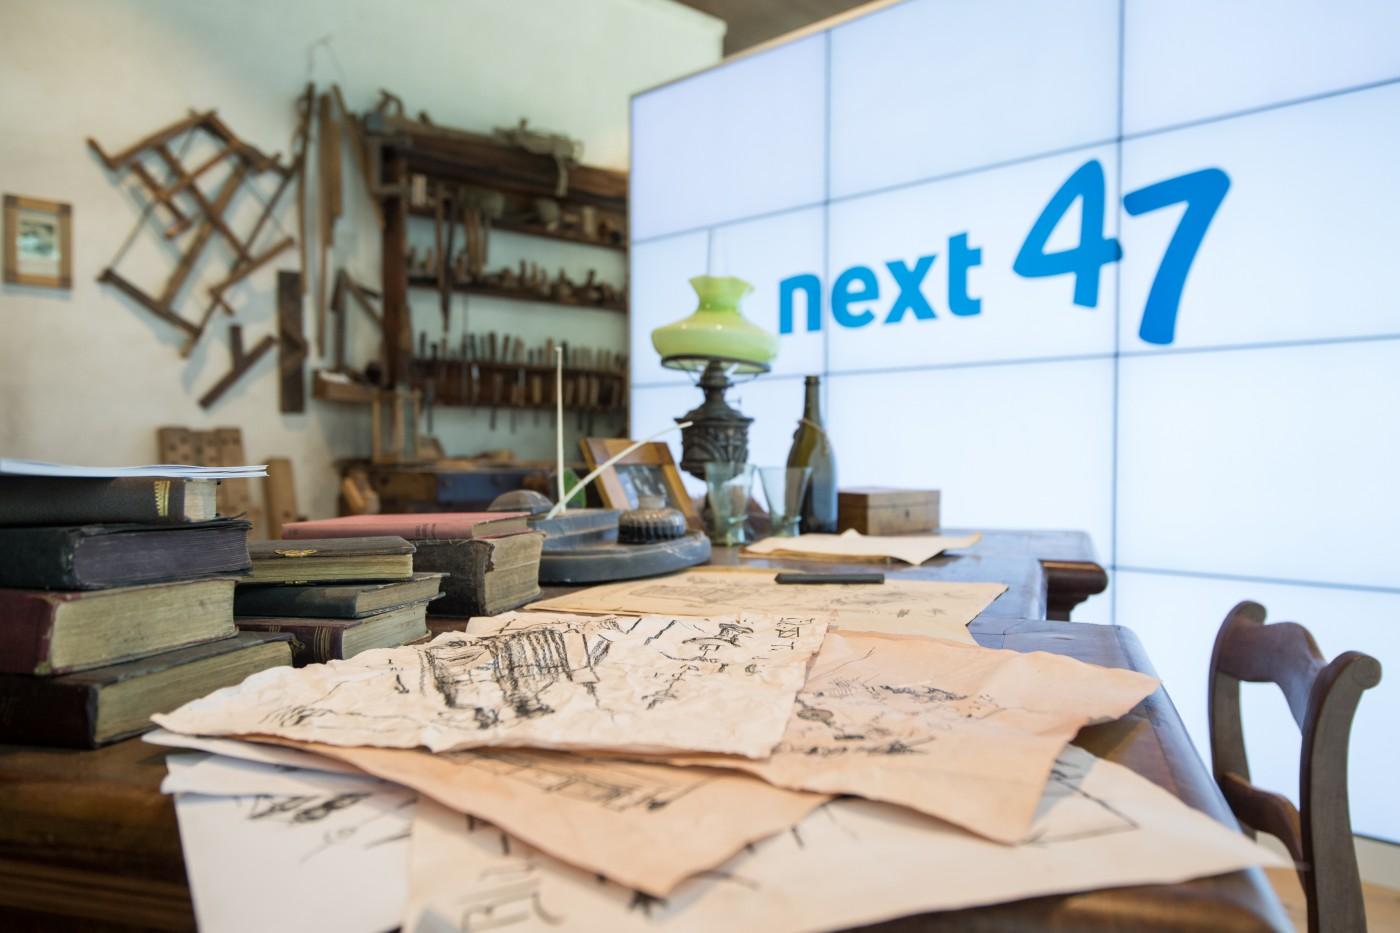 百年企業不衰的秘密,西門子旗下神秘風險投資公司─Next47,成為轉型關鍵